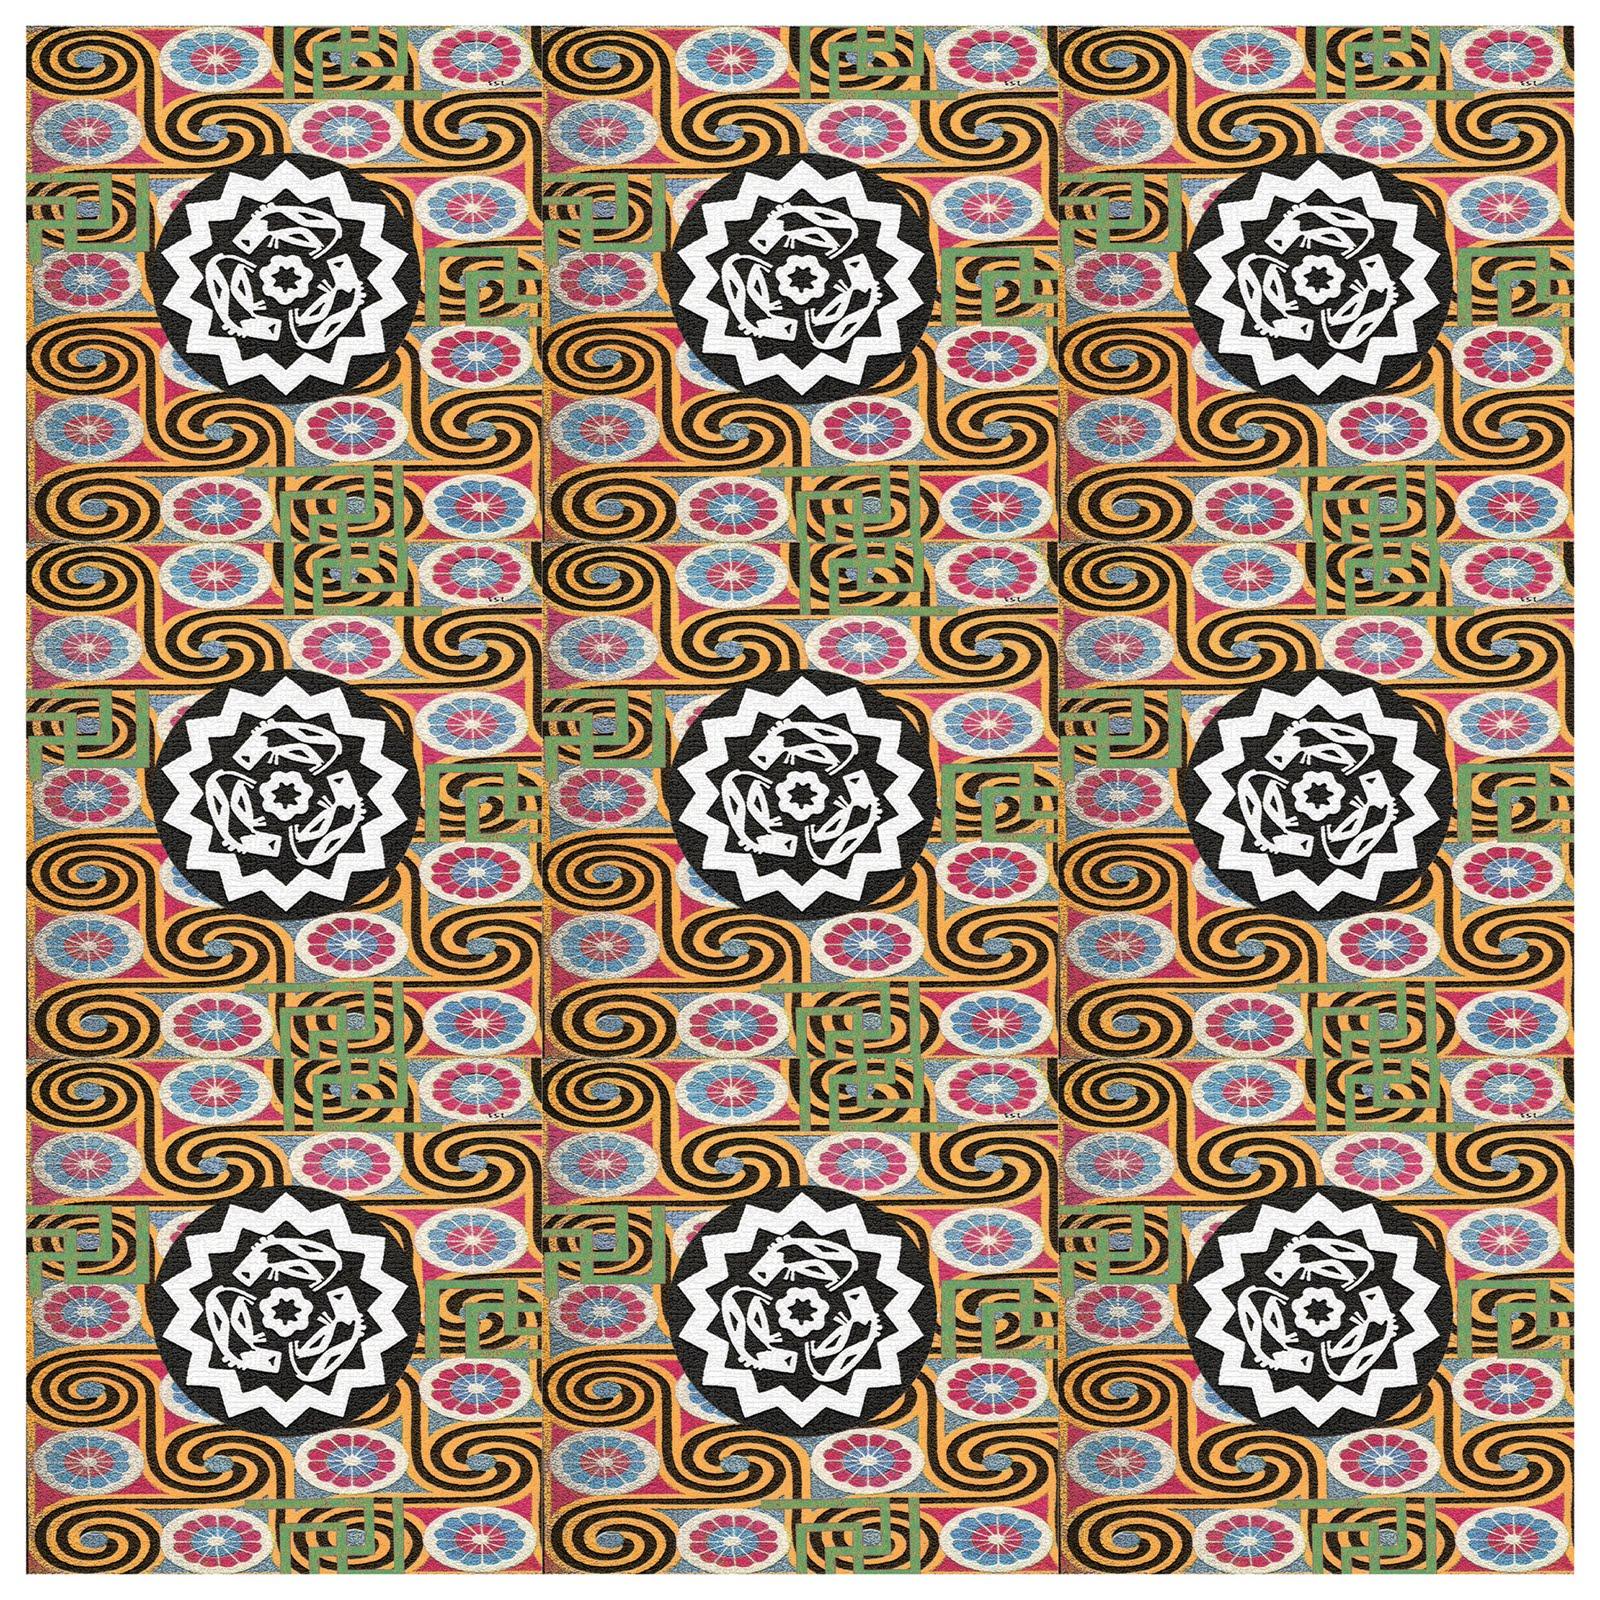 Egyptian Textile Pattern | Taryn Blache Design Portfolio